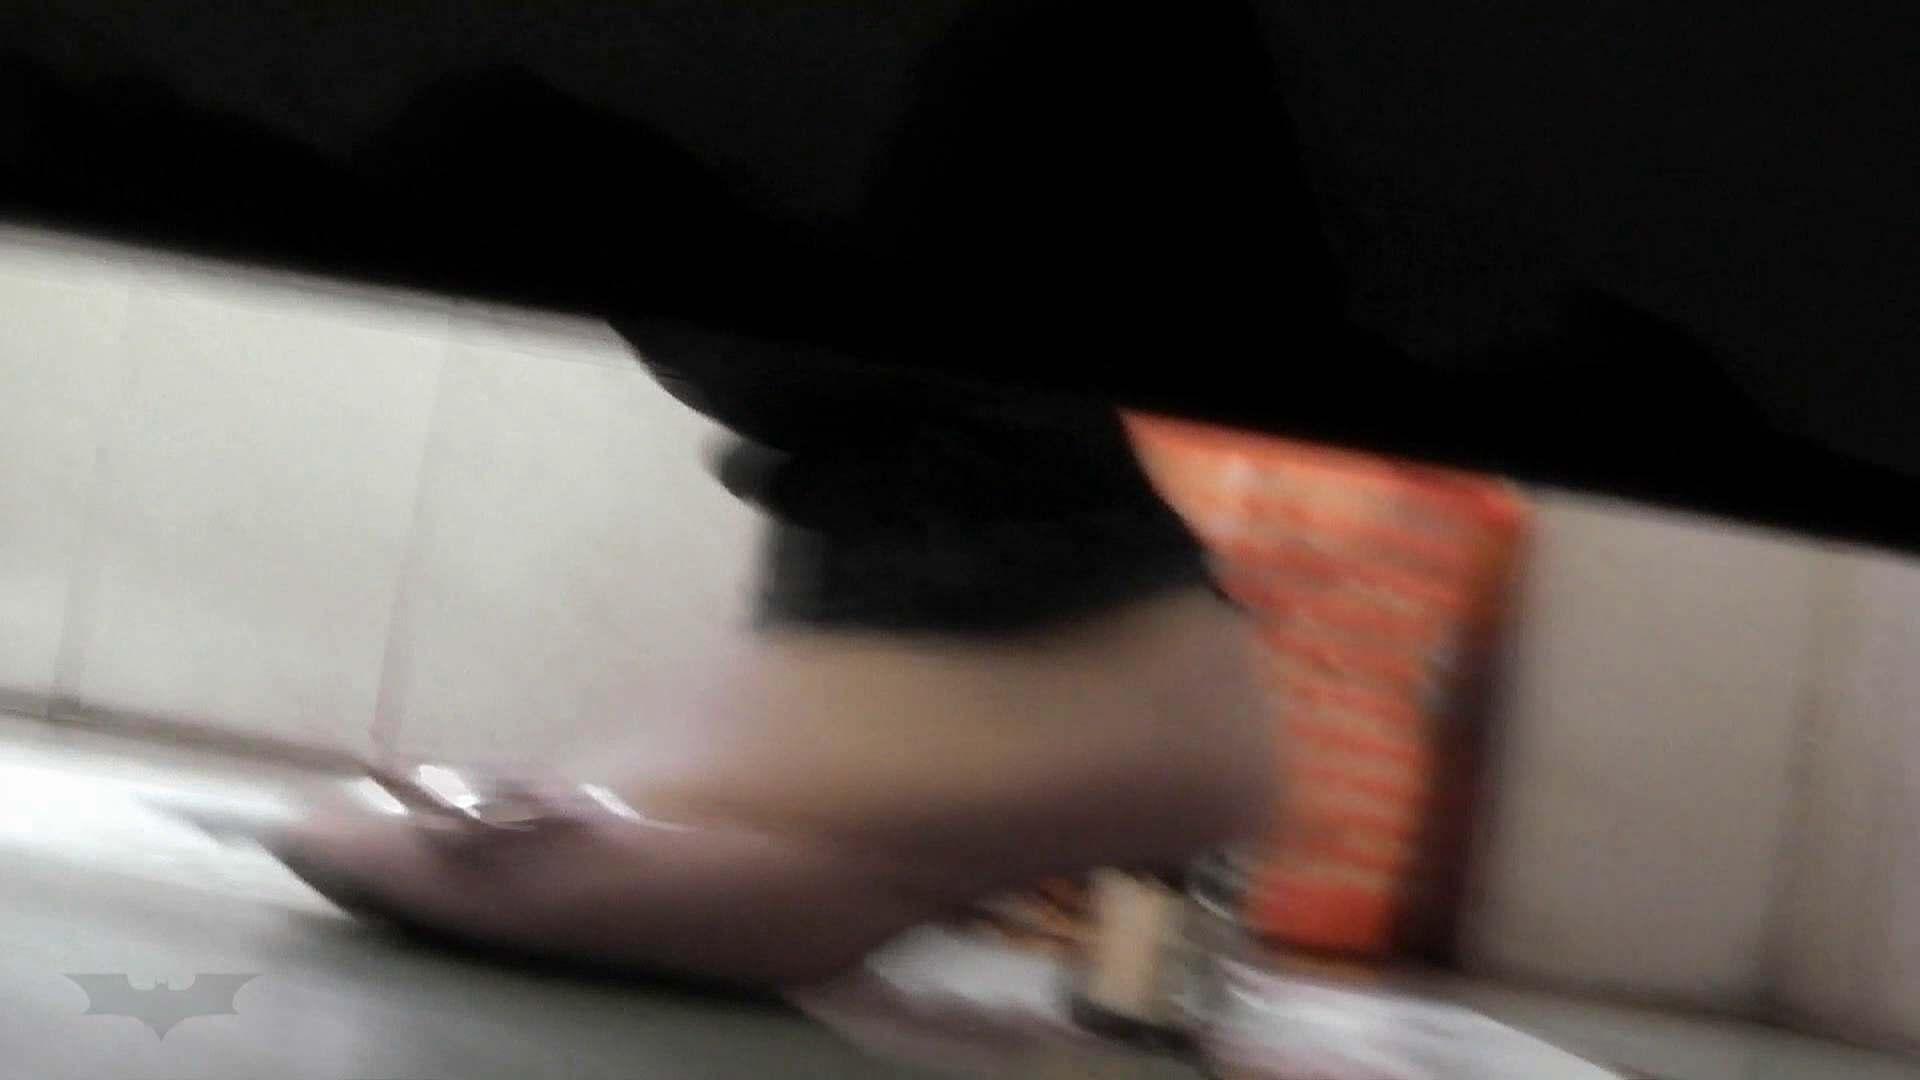 ステーション編 vol.34 無料動画のモデルつい本番登場Ⅱやっぱり違います いやらしいOL 戯れ無修正画像 93連発 59